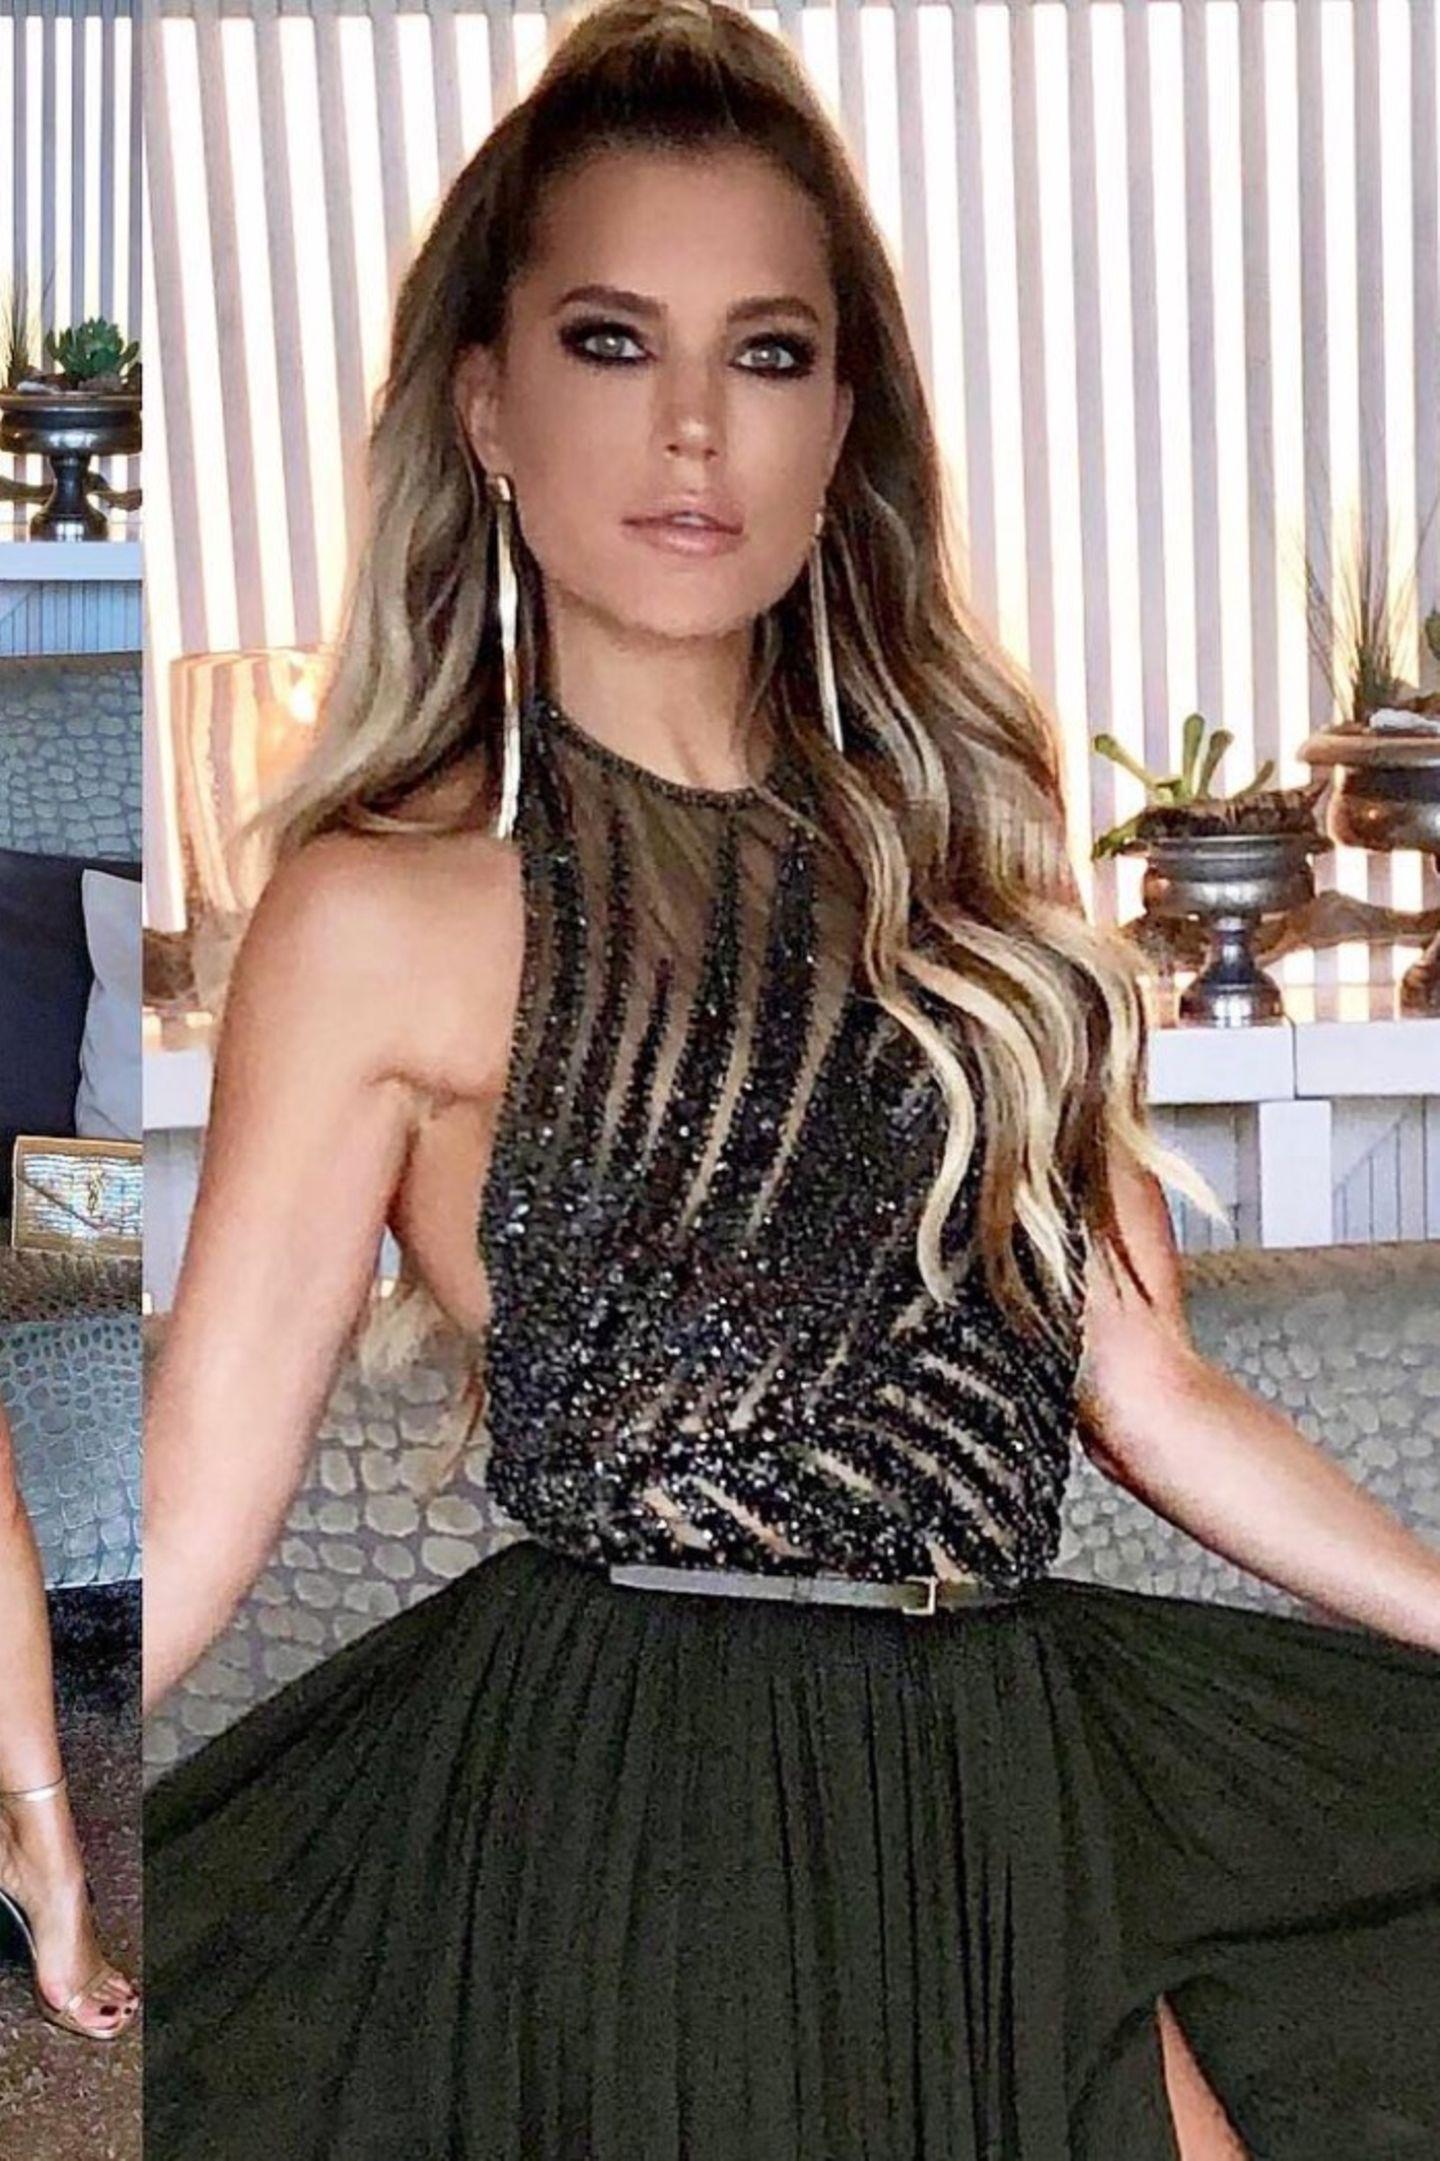 In einer Couture-Robe direkt vom Runway von Elie Saab verzaubert Sylvie nur wenig später. Besonders das Oberteil mit den Pailletten-Verzierungen macht ordentlich was her.